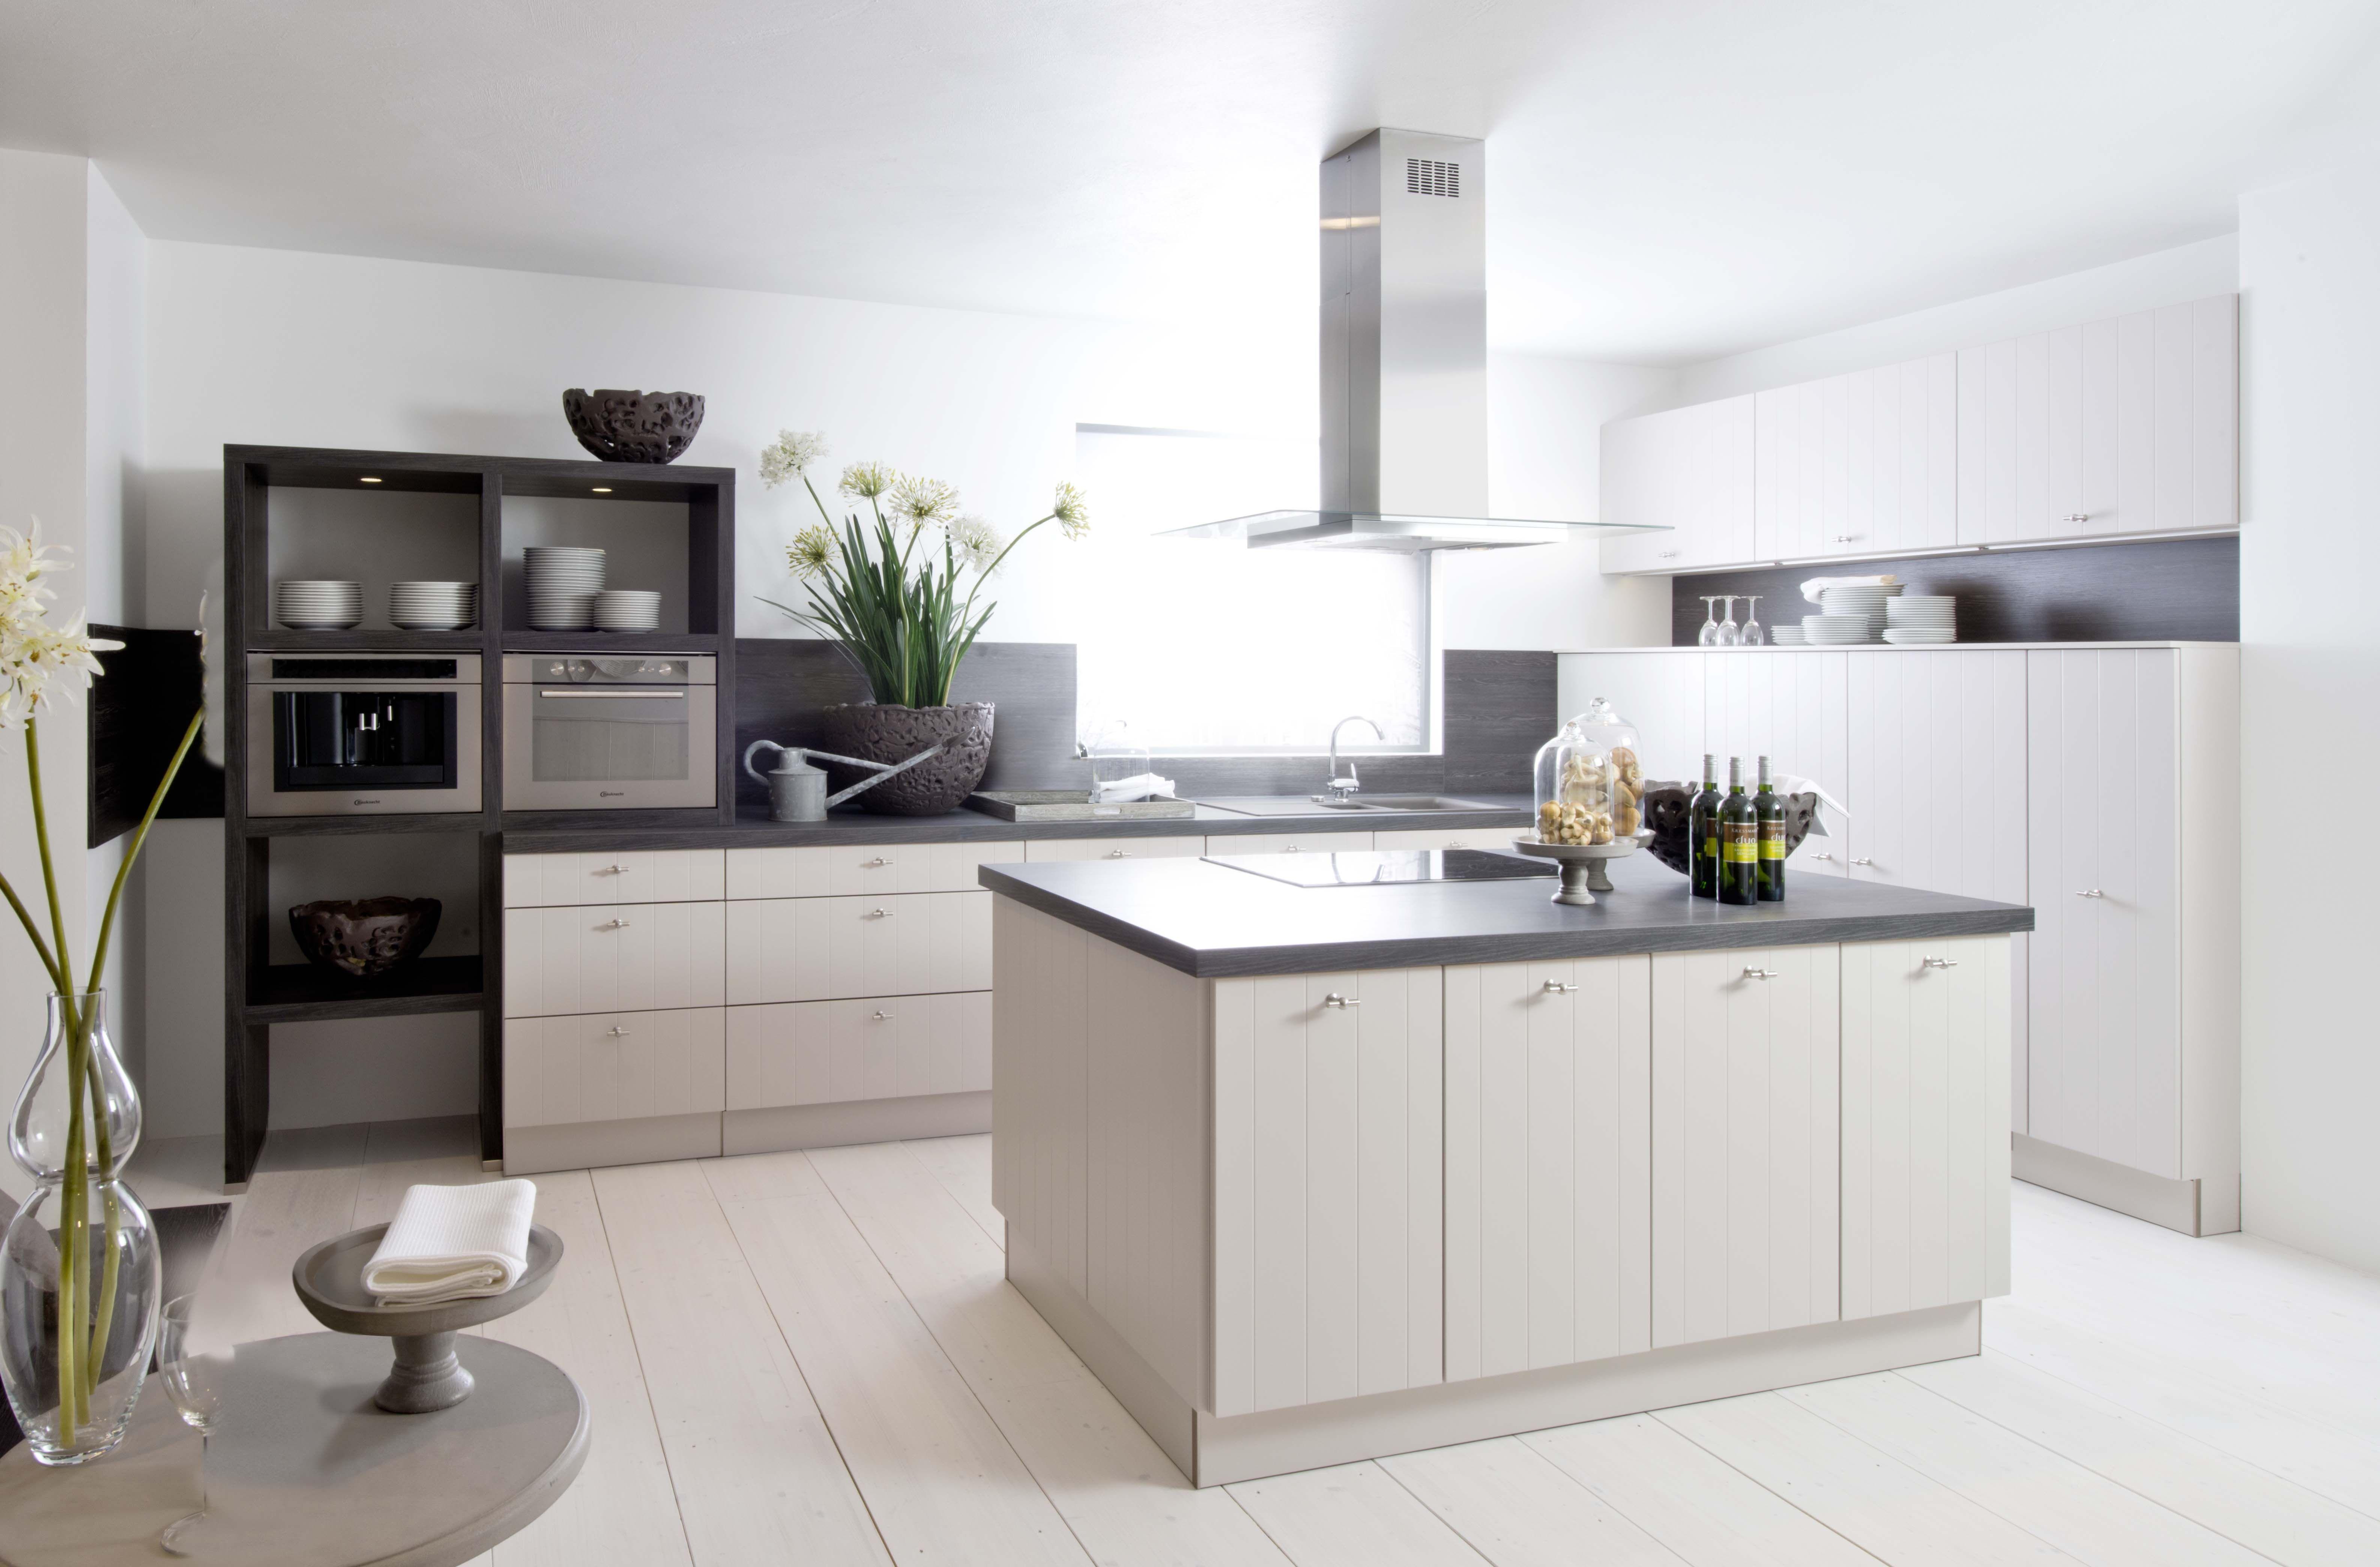 Landelijke keuken landelijk cottage wit zwart star